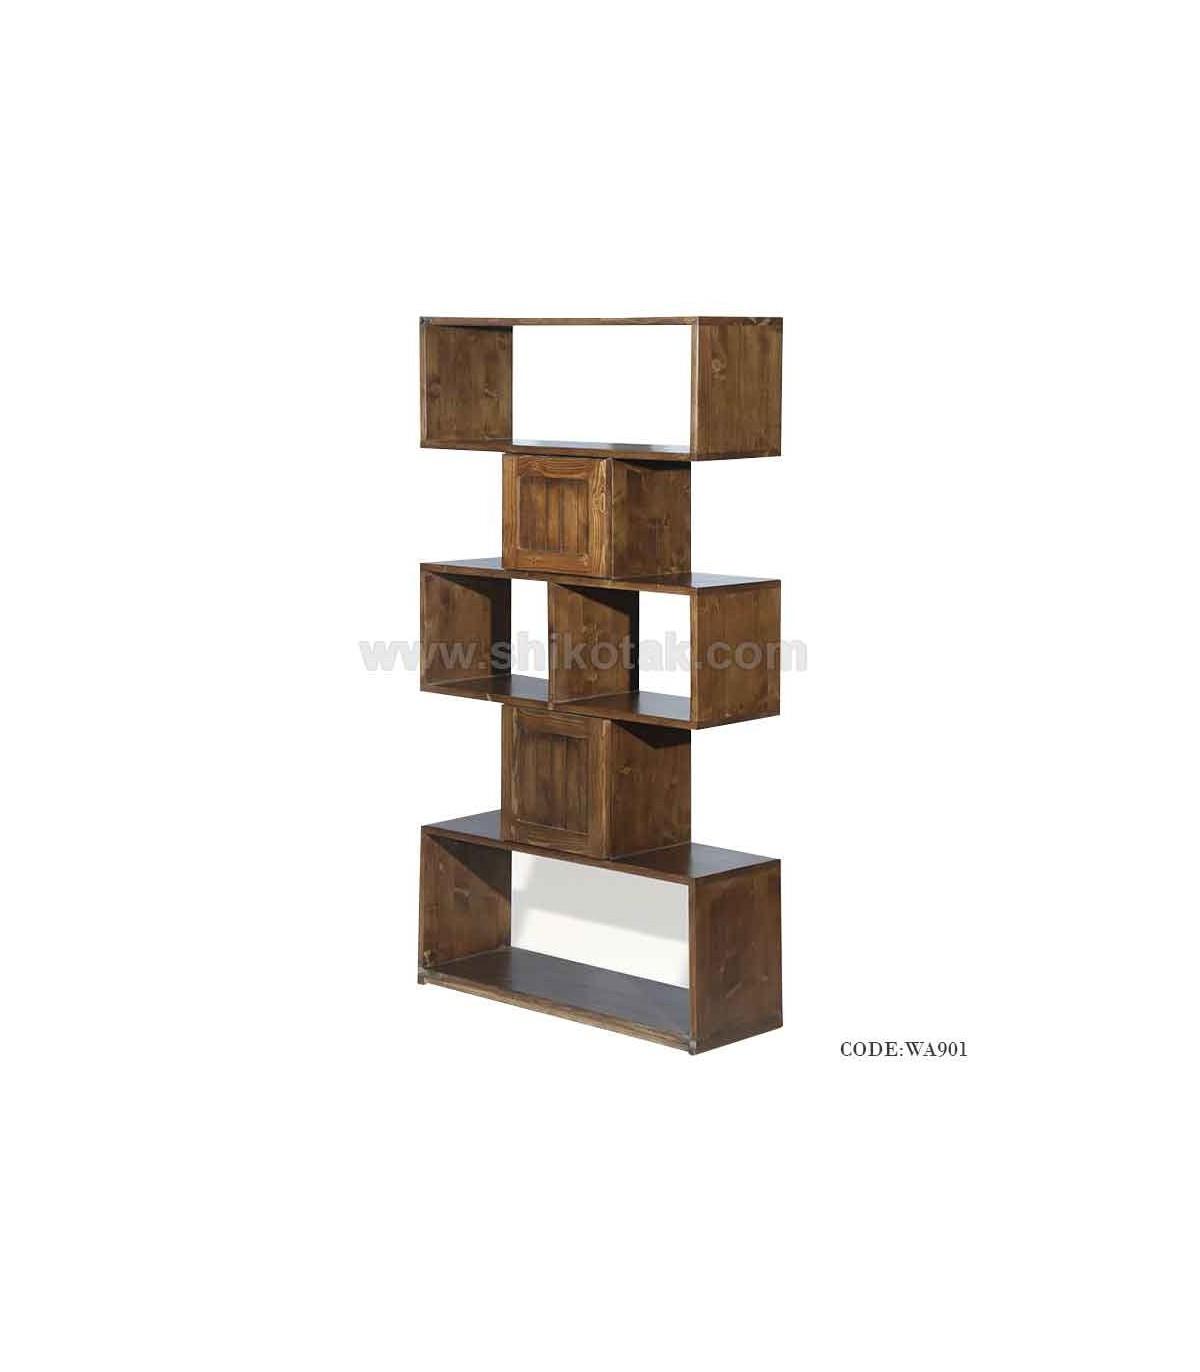 قفسه کتاب چوبی مدل روناک